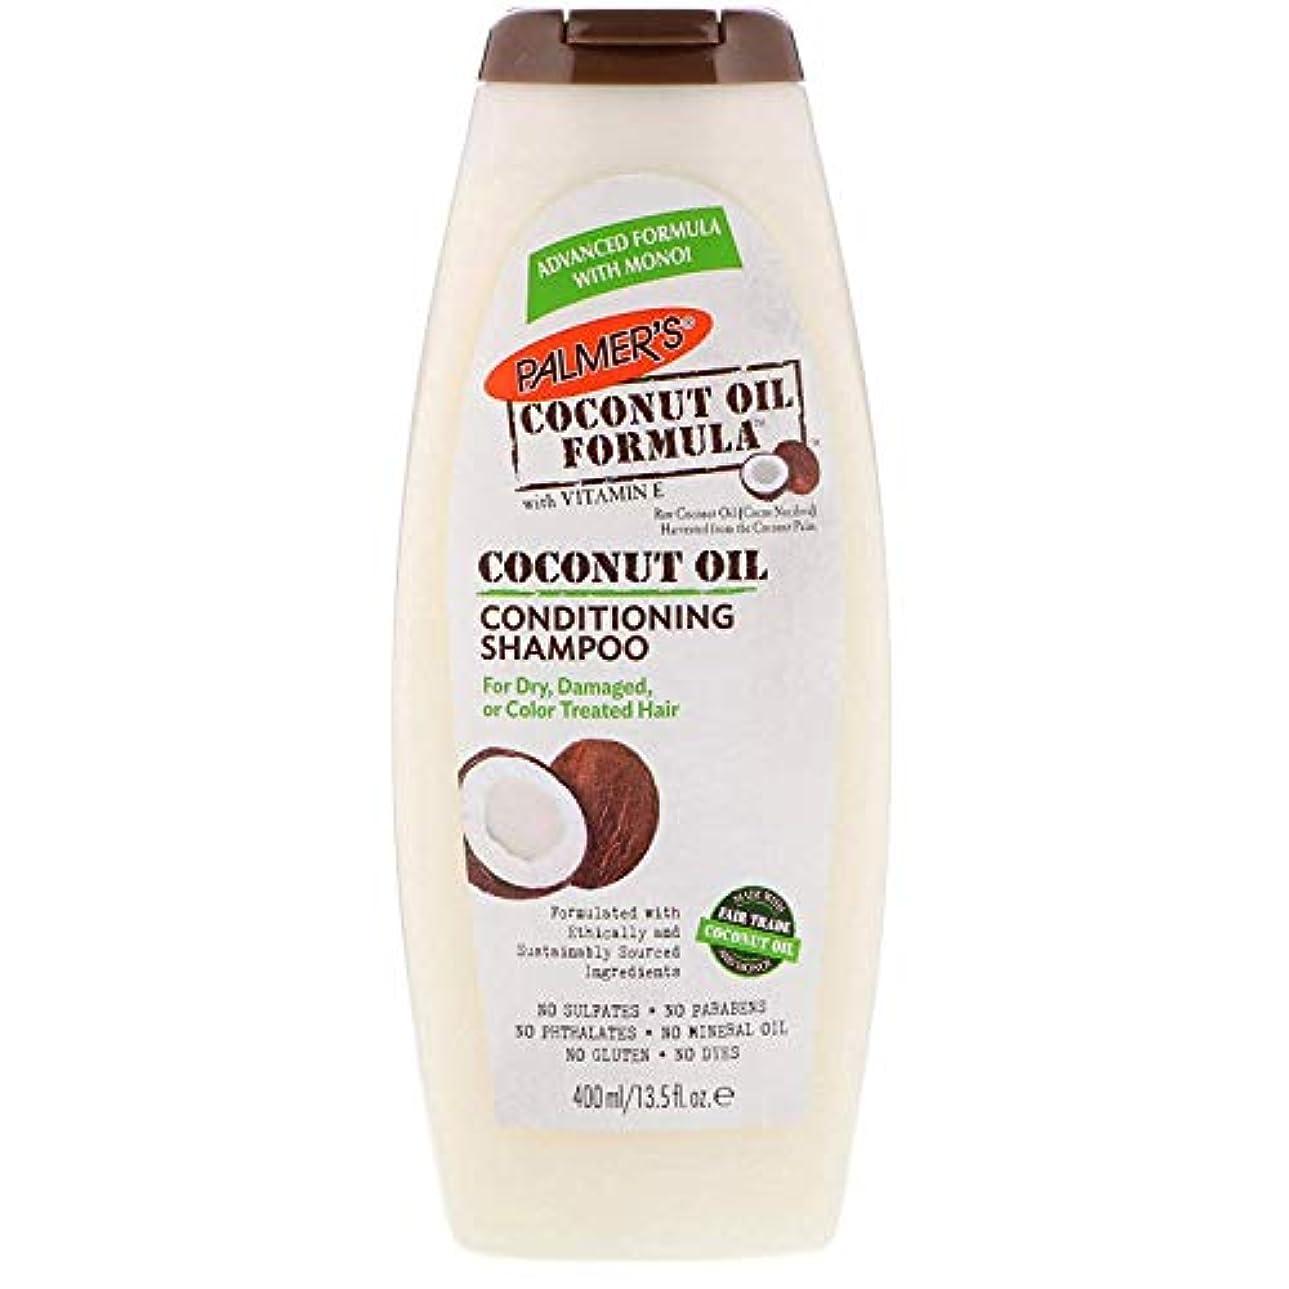 締める軸左Palmer's ココナッツオイル ダメージヘア水分補給 シャンプー 13.5 fl oz (400 ml) [並行輸入品]